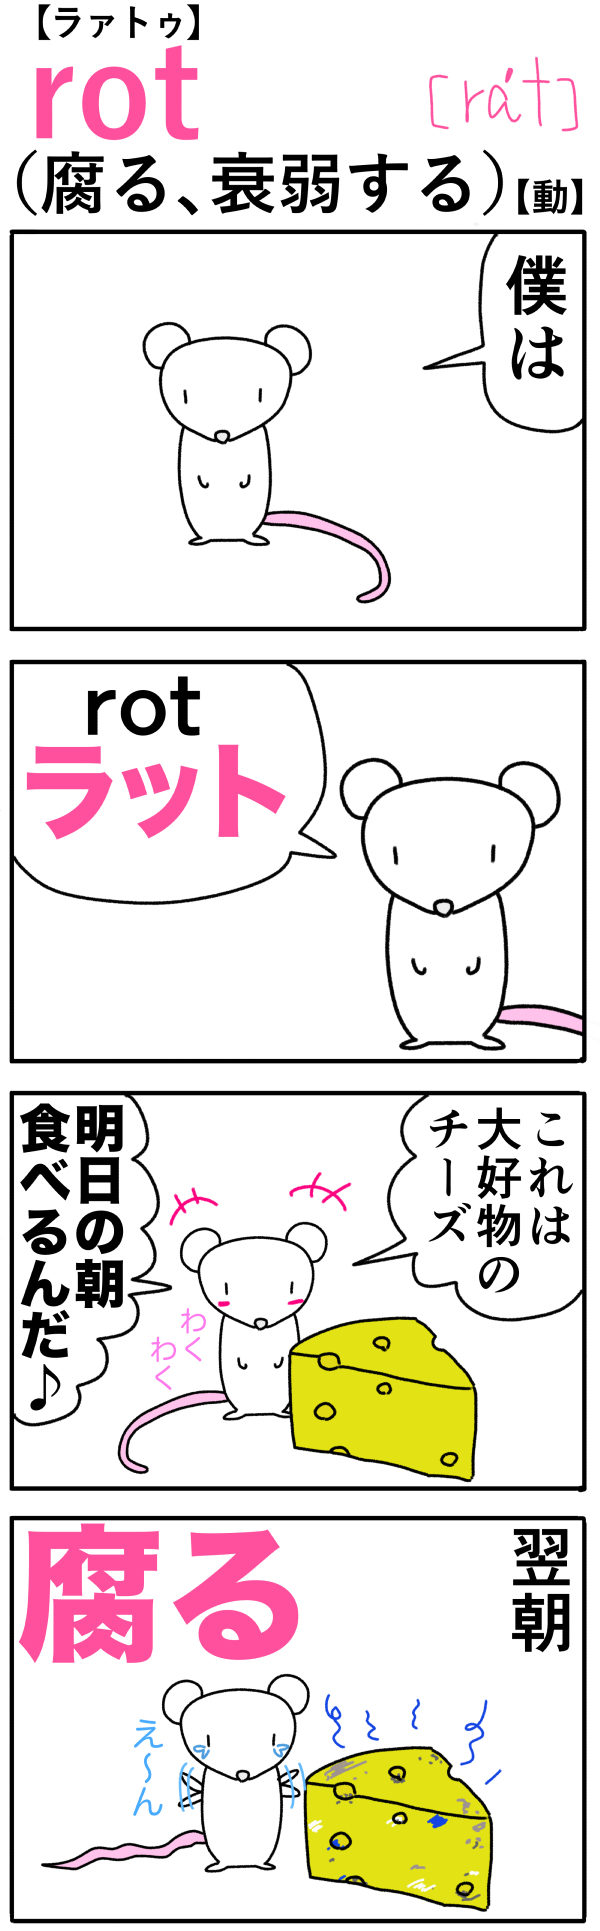 rot(腐る)の語呂合わせ英単語